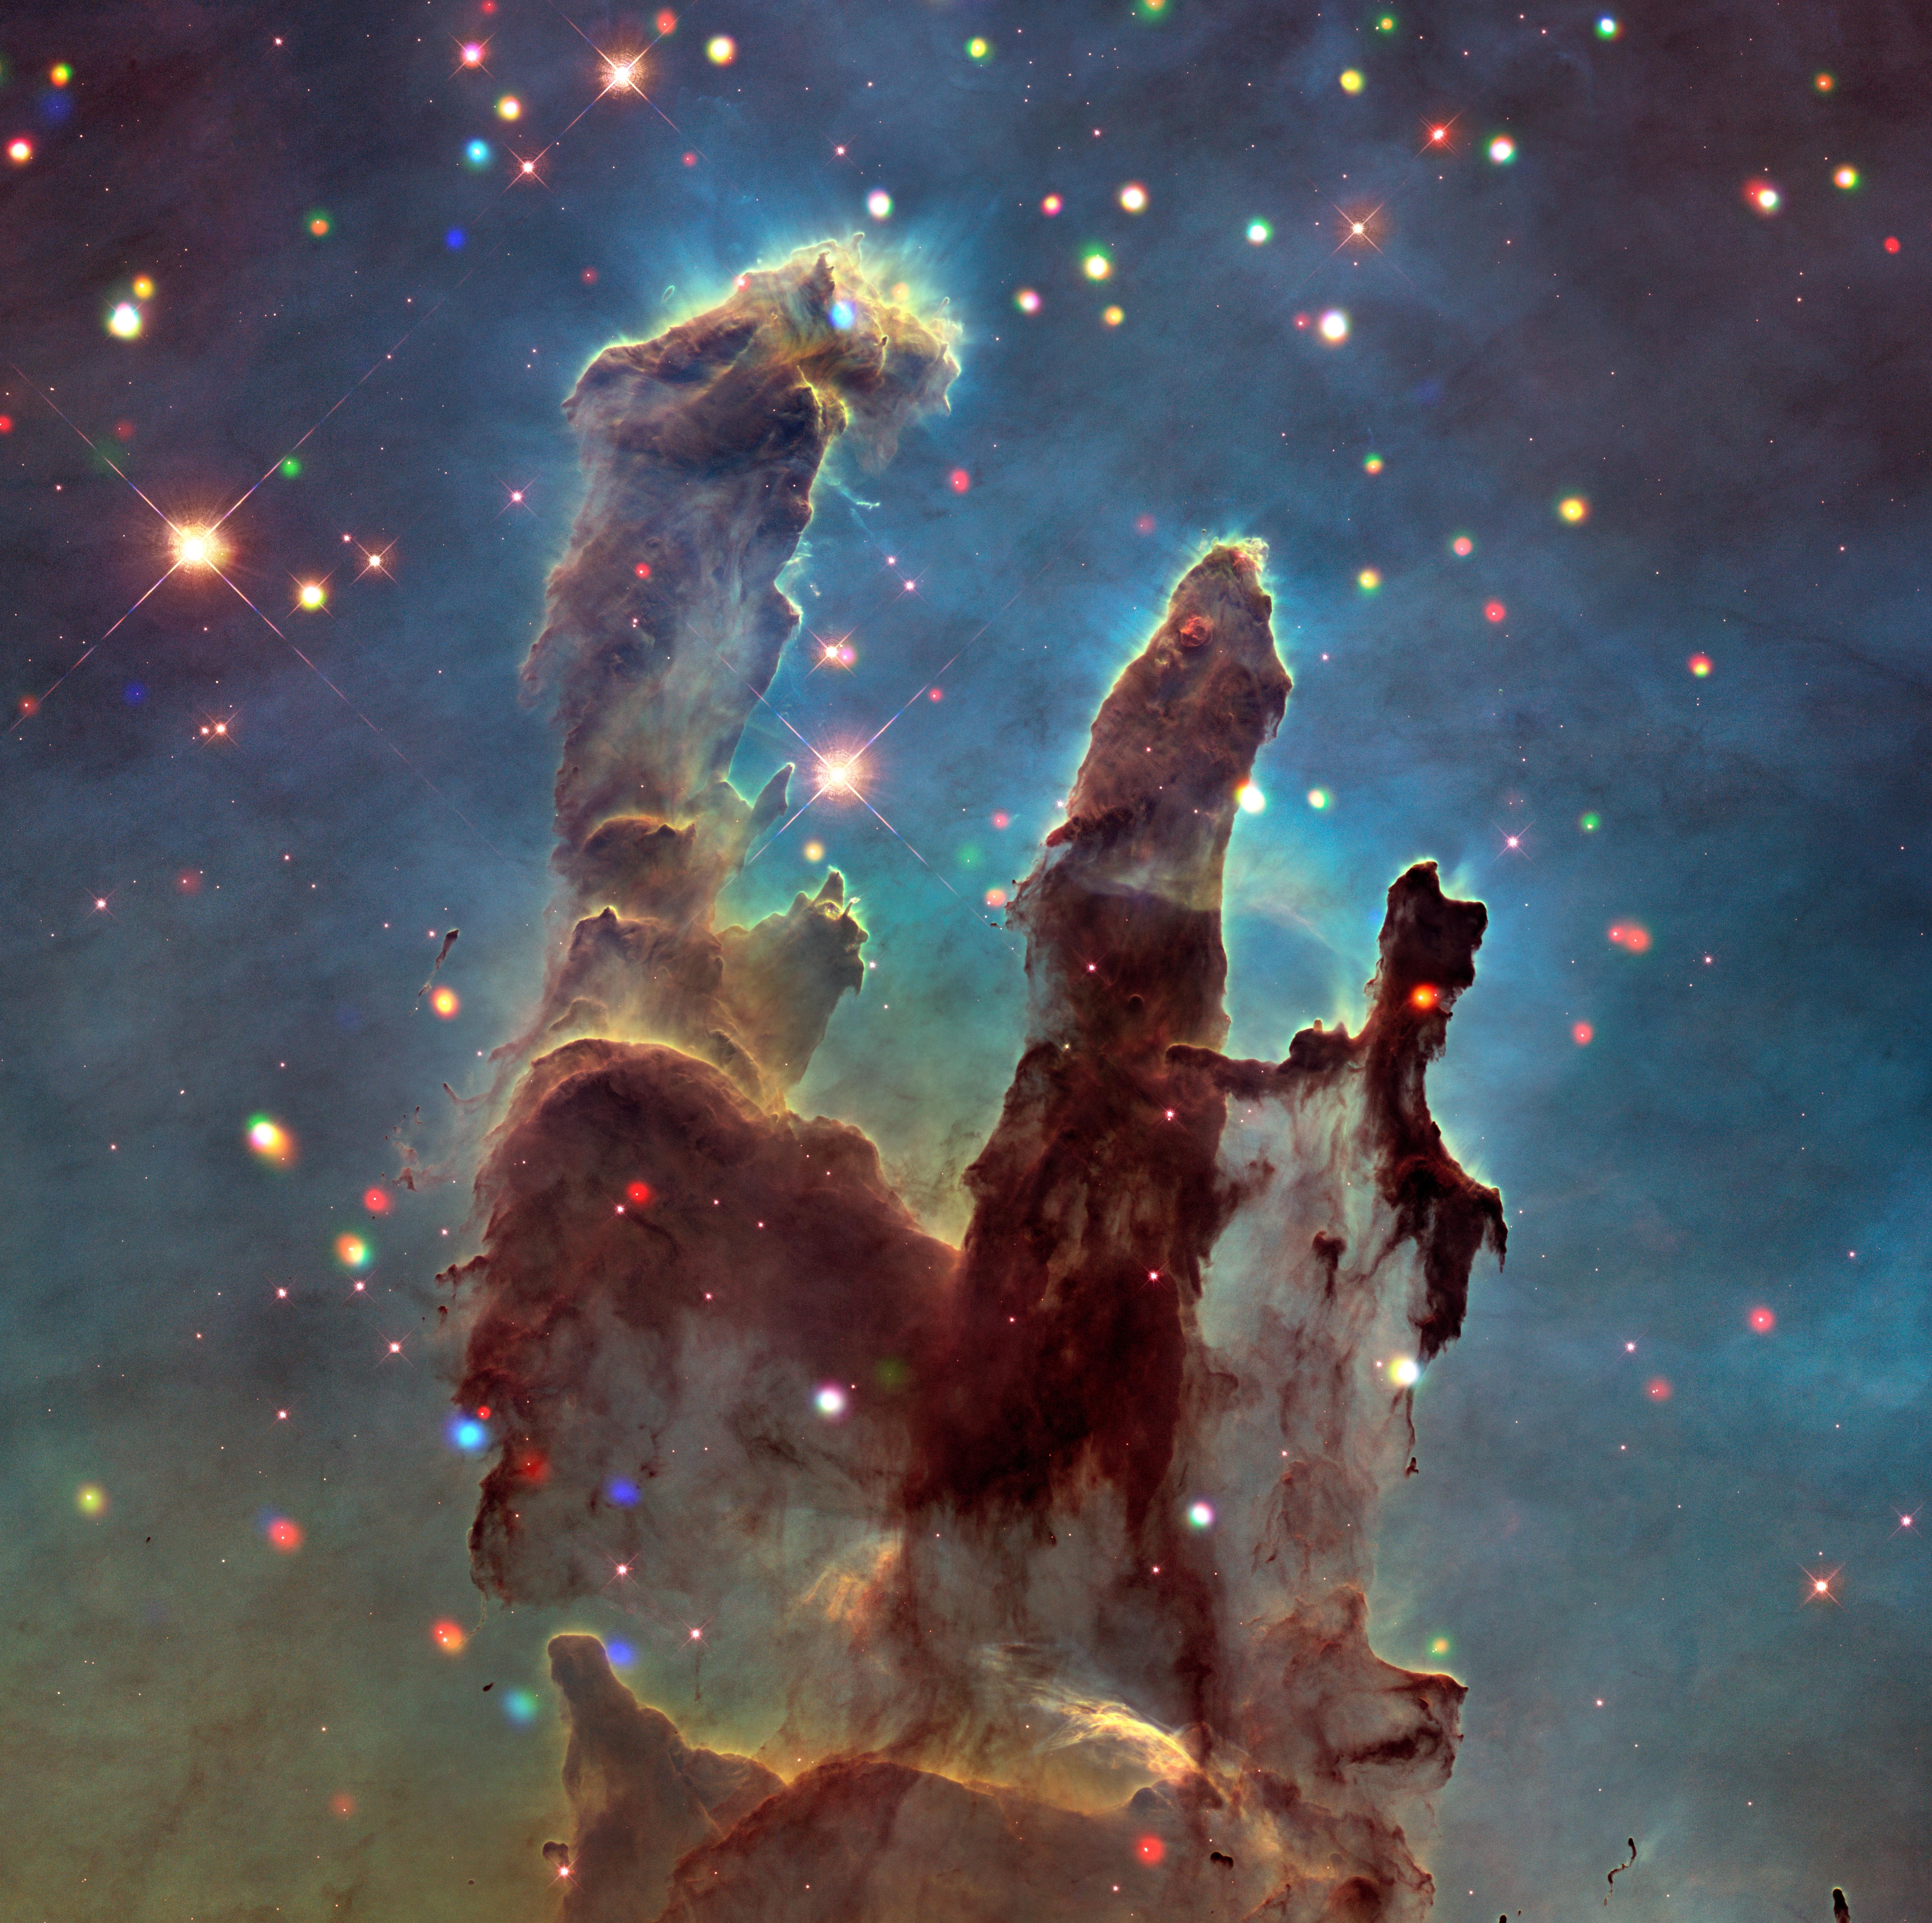 """Nebulosa del Águila también conocida como Messier 16, contiene un cúmulo estelar abierto llamado """"Los pilares de la creación"""". Imagen de NASA."""